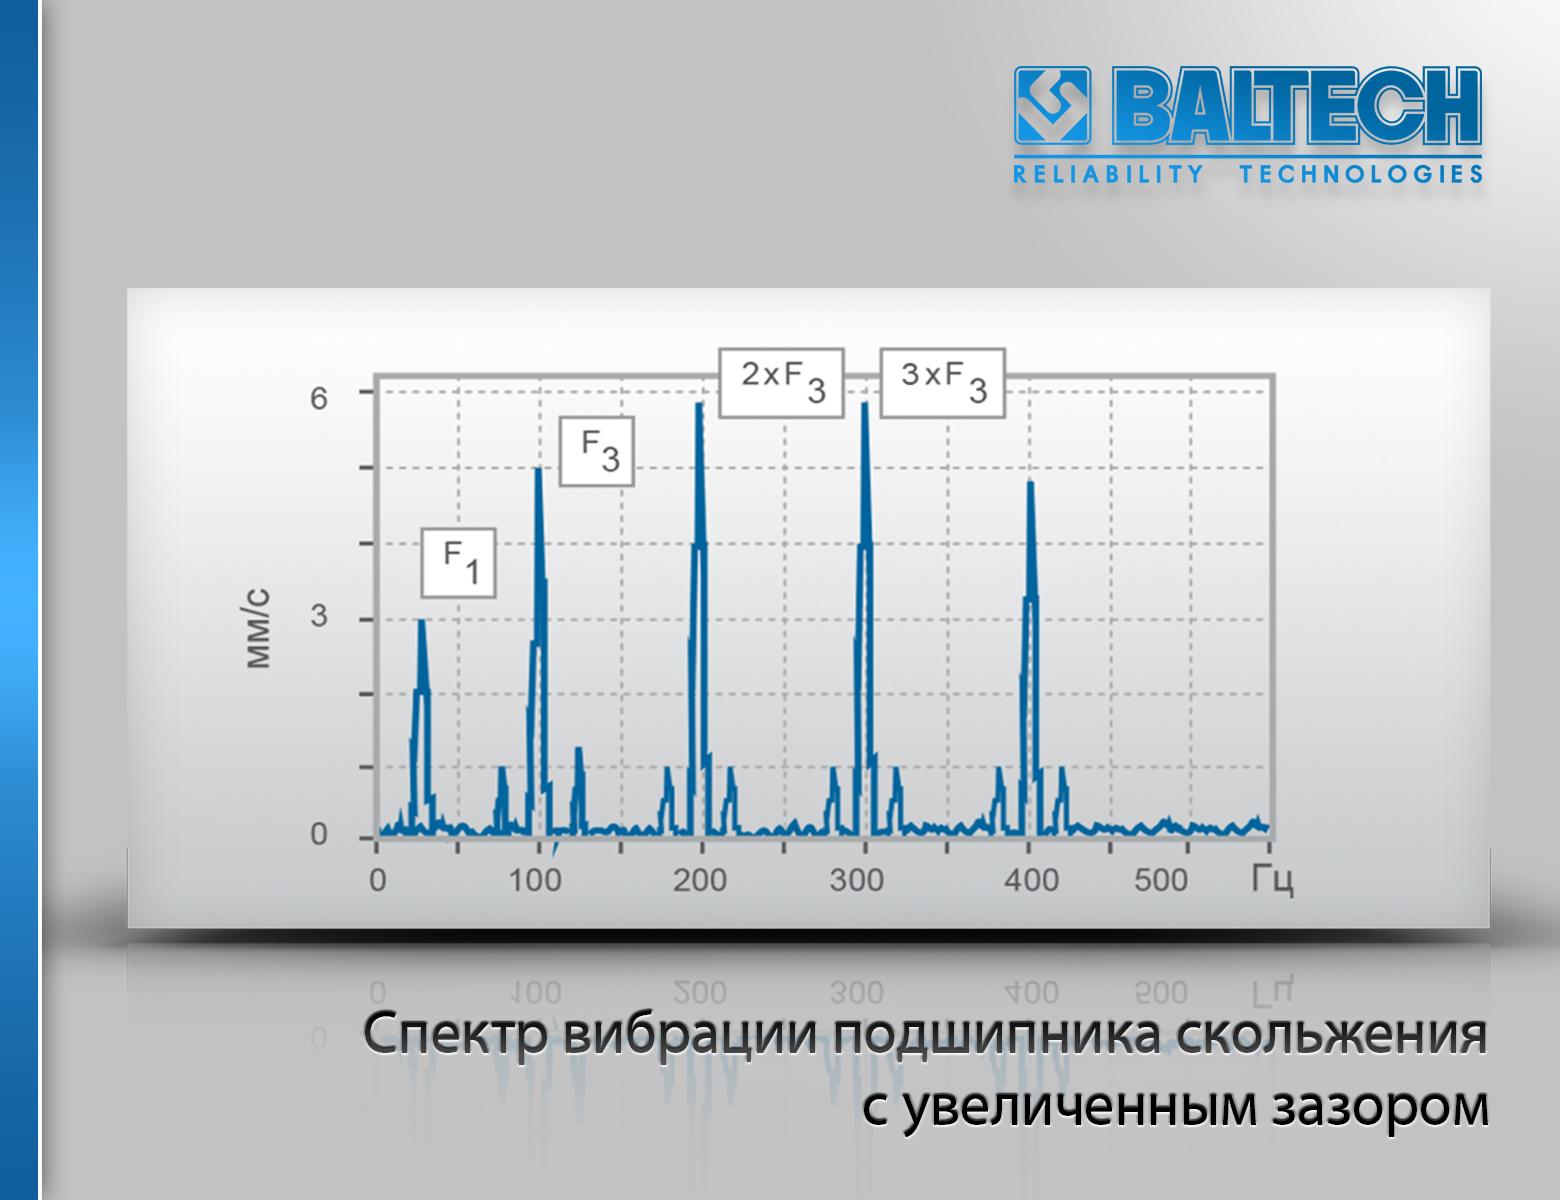 Спектр вибрации подшипника скольжения с увеличенным зазором, вибродиагностика